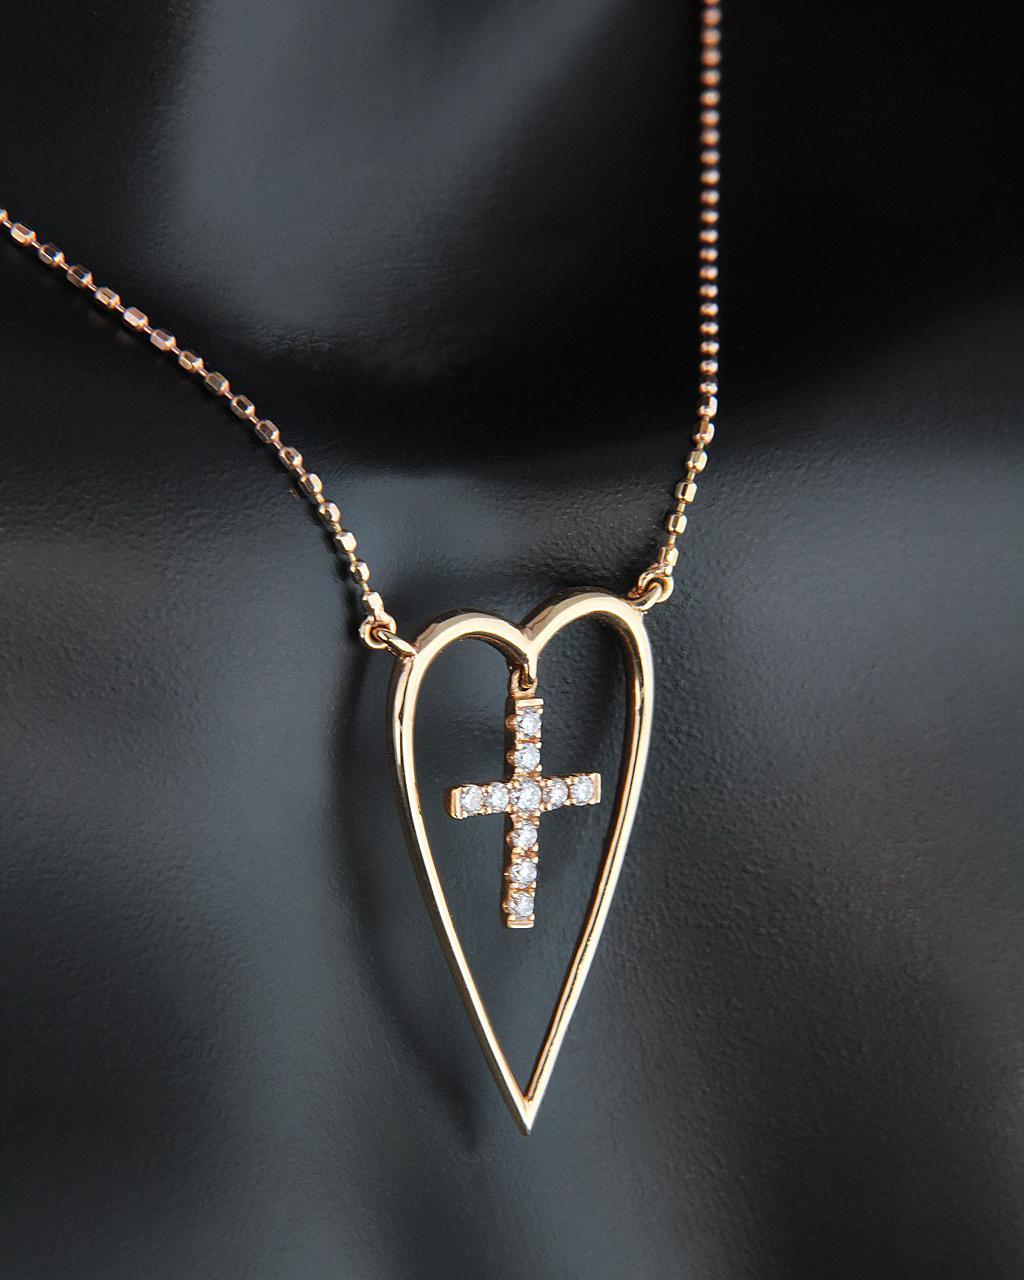 Κρεμαστό με σταυρουδάκι ροζ χρυσό Κ18 με Διαμάντια   γυναικα κρεμαστά κολιέ κρεμαστά κολιέ καρδιές